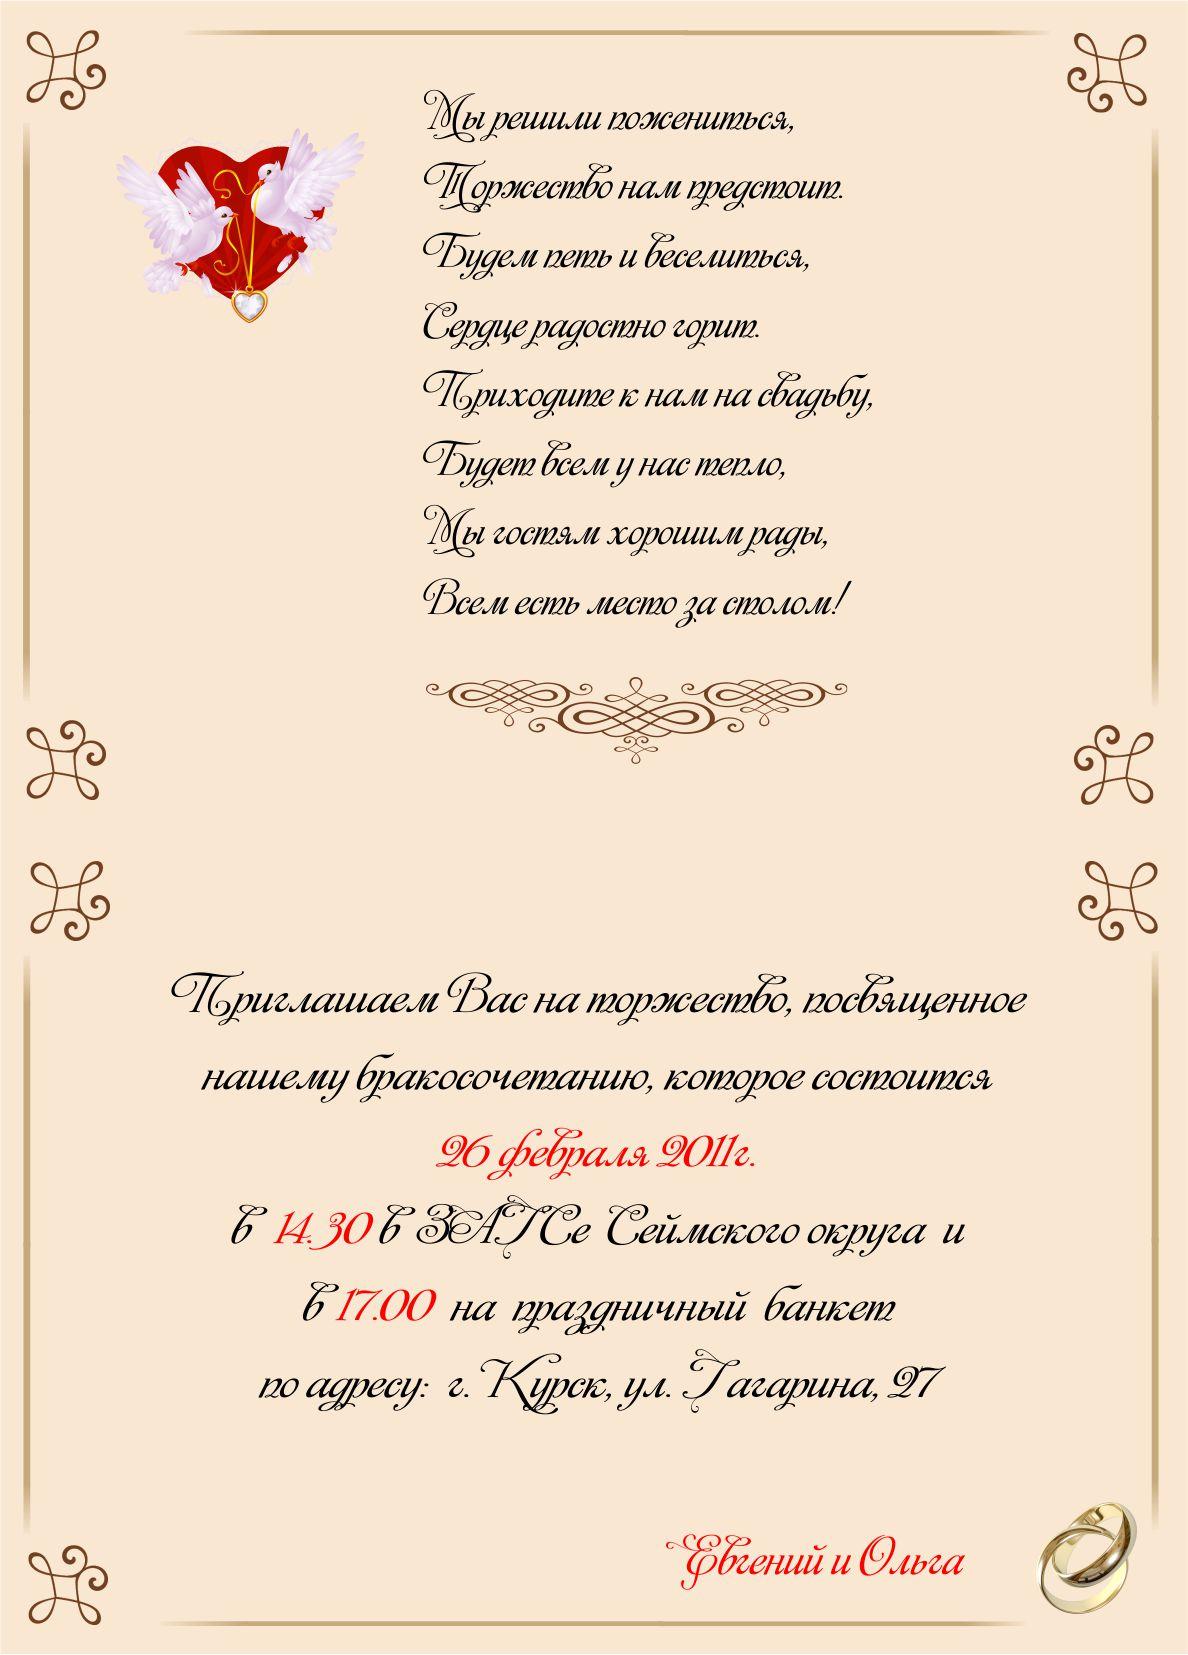 Приглашения на свадьбу текст сестре